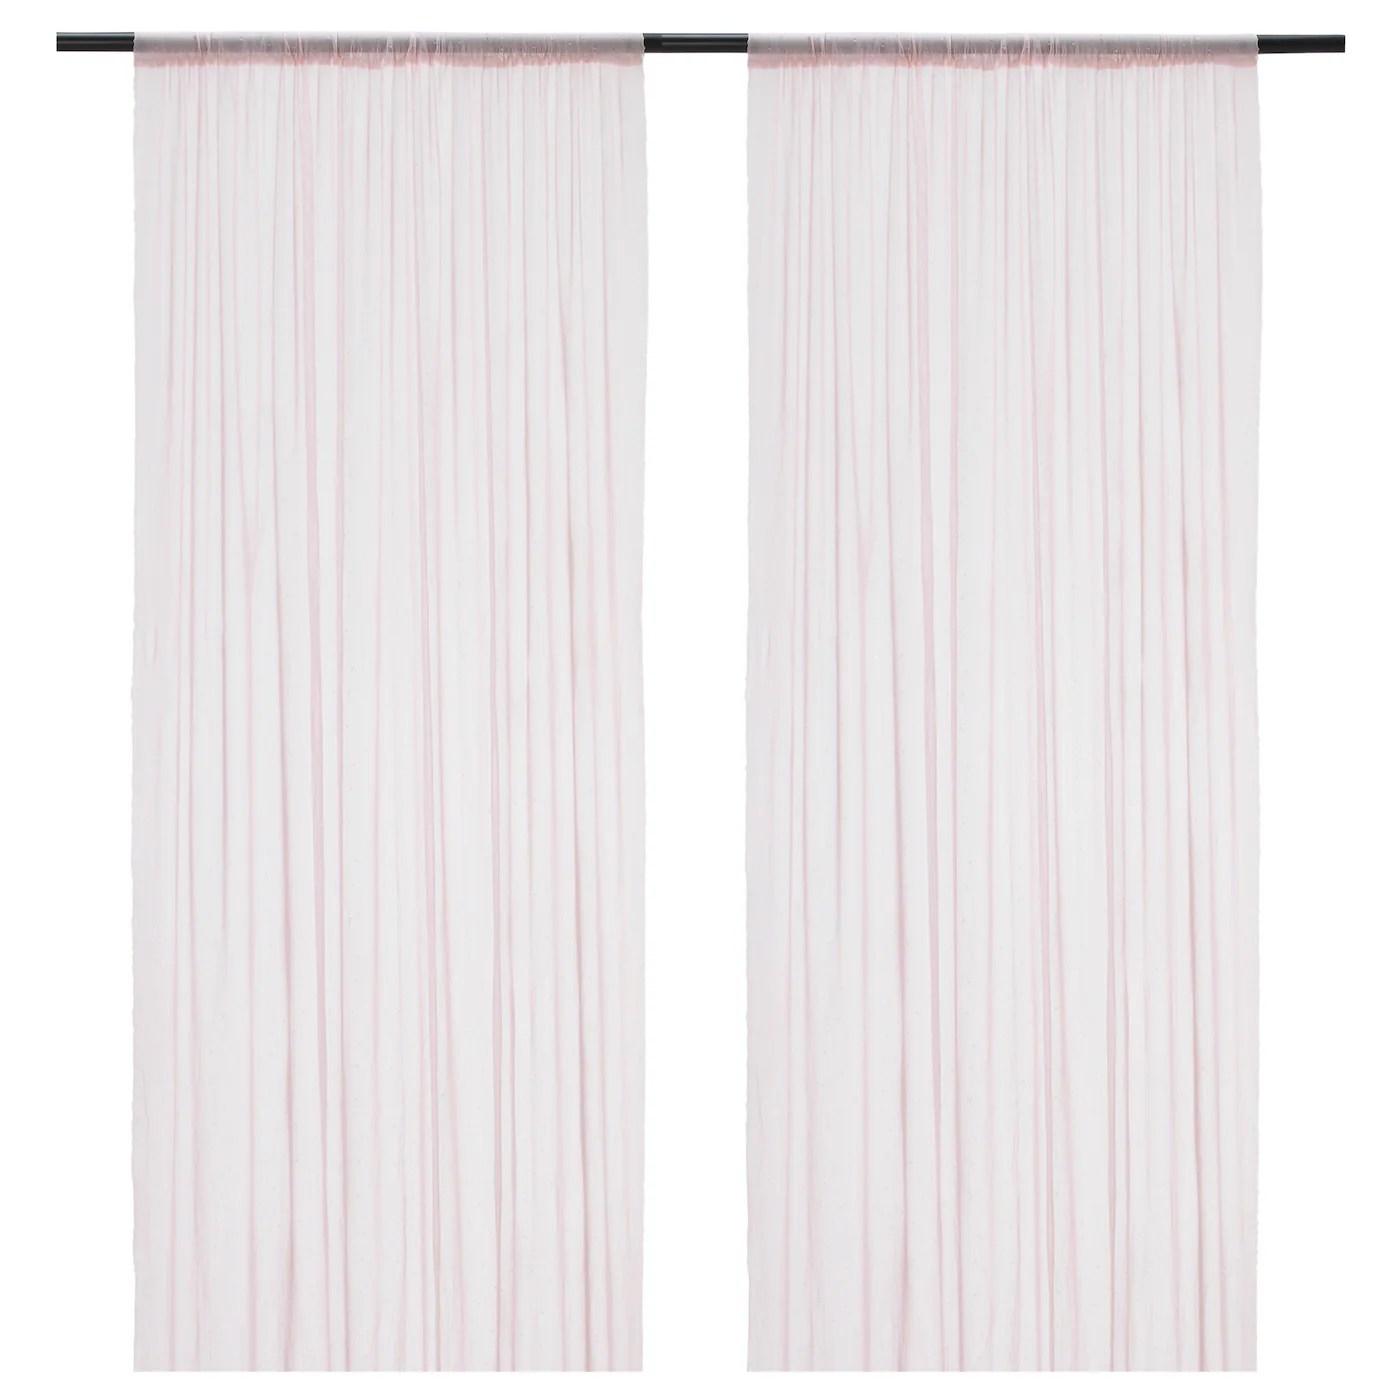 Tenda ikea pacchetto misure 120 per 170 perfetta nuova puro cotone 100% con. Tende Per Interni Ikea It